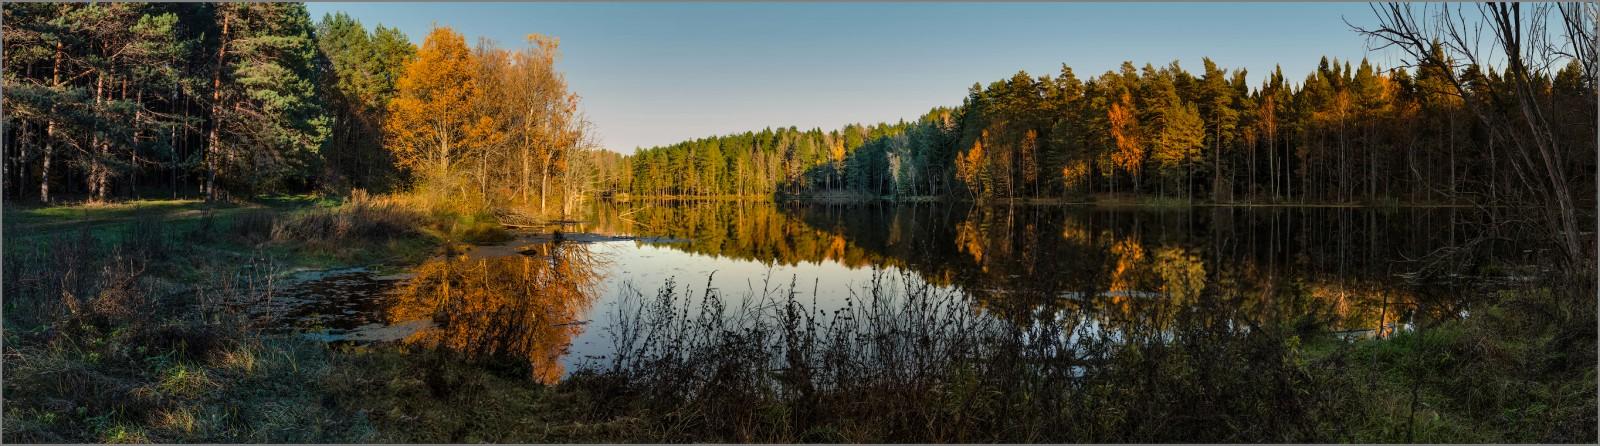 Лесное озеро ( Снимок сделан 14 октября 2013 г.)